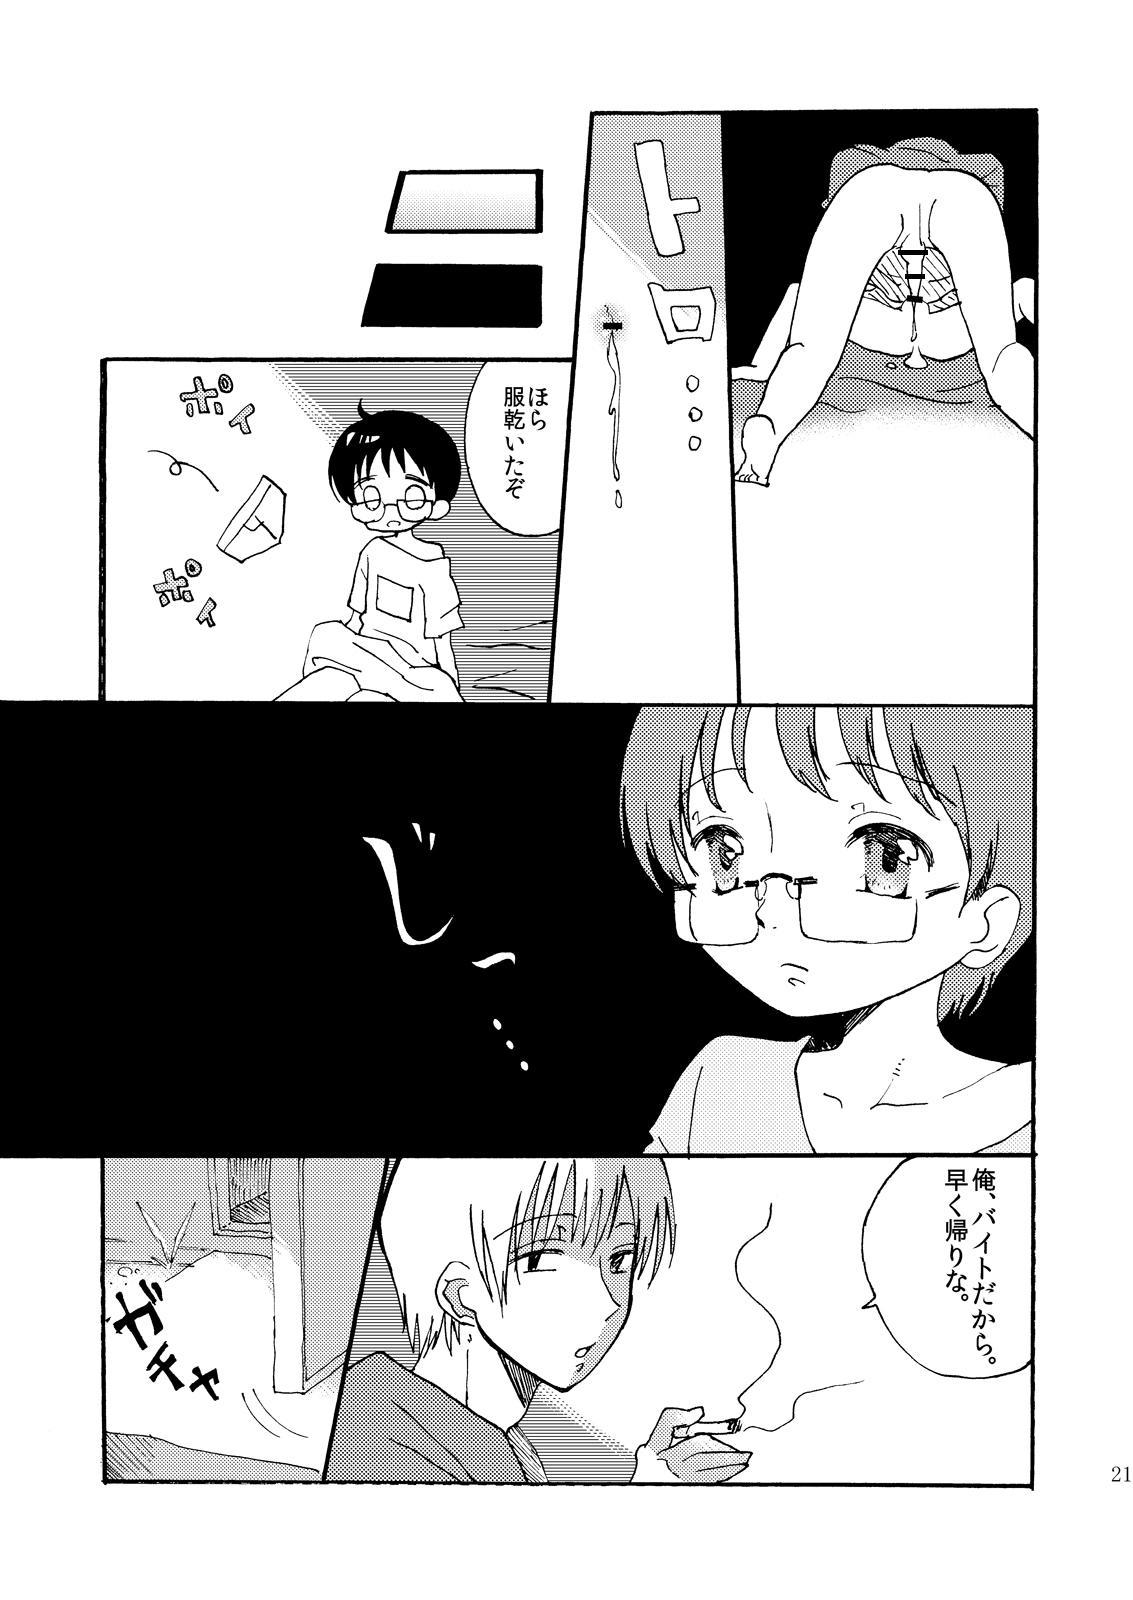 Yuugure Doki no ♂ Gakusei 19